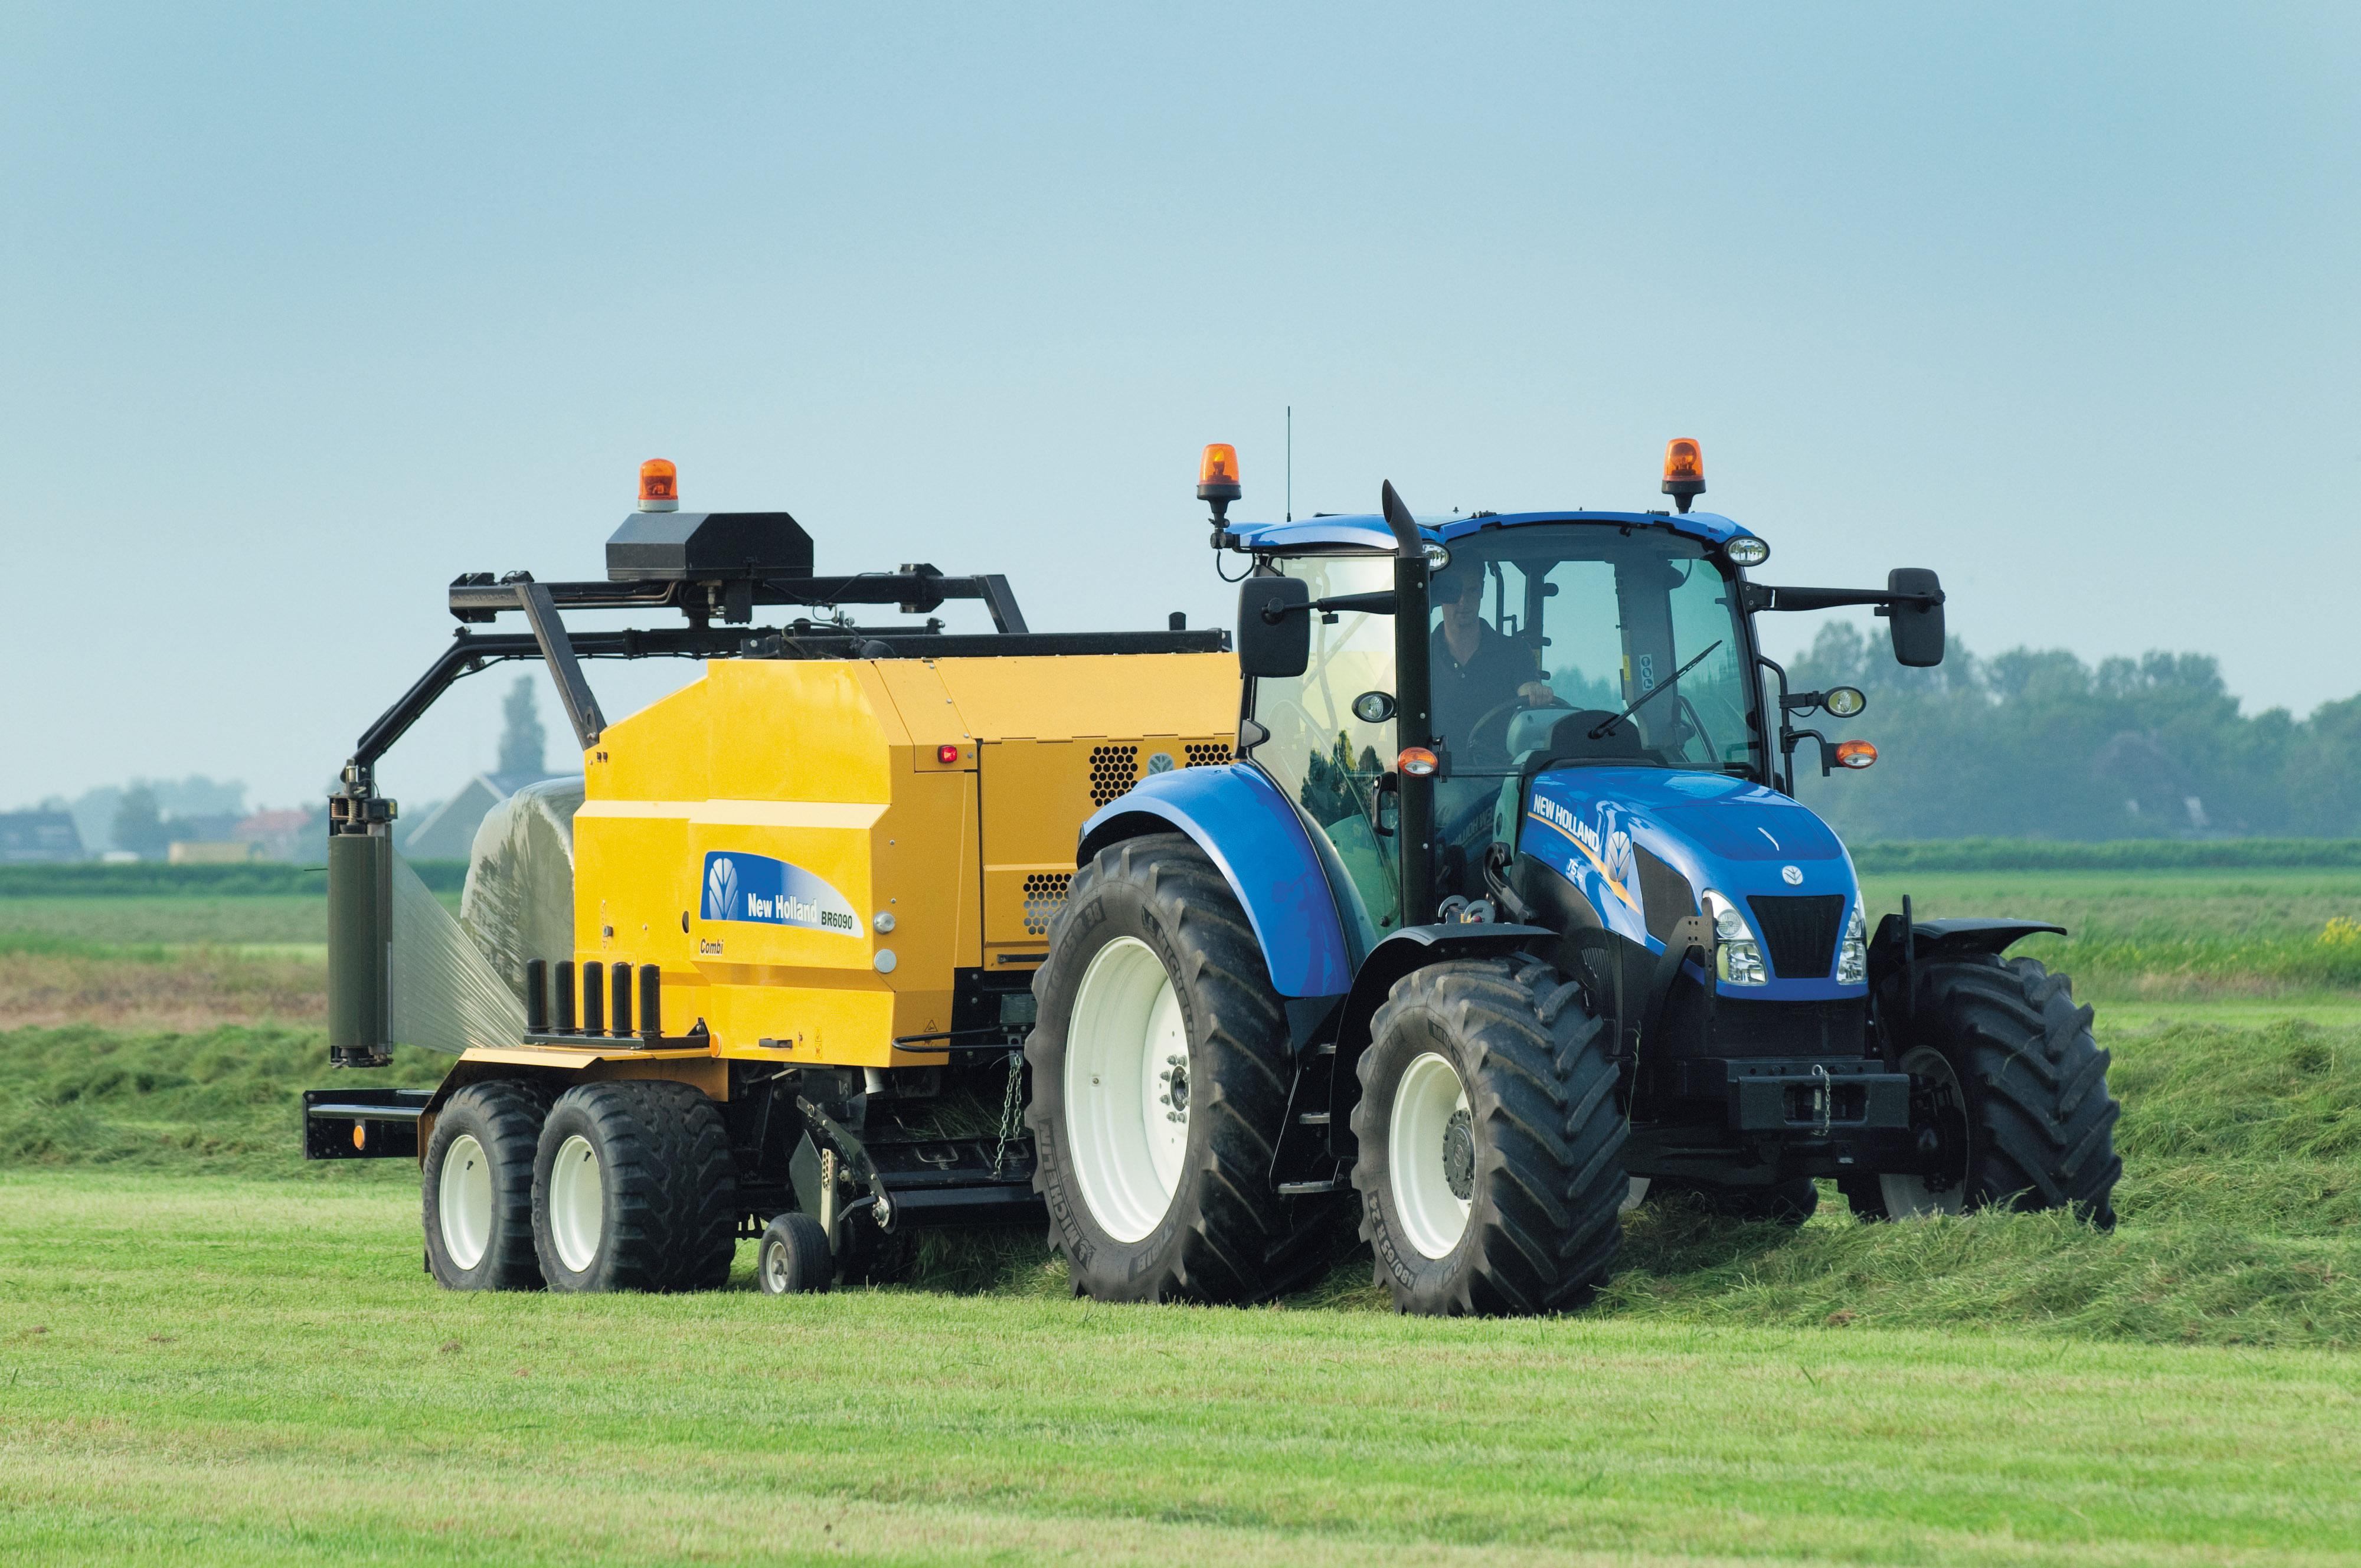 CNH : L'activité agricole ne rebondit toujours pas au début 2016